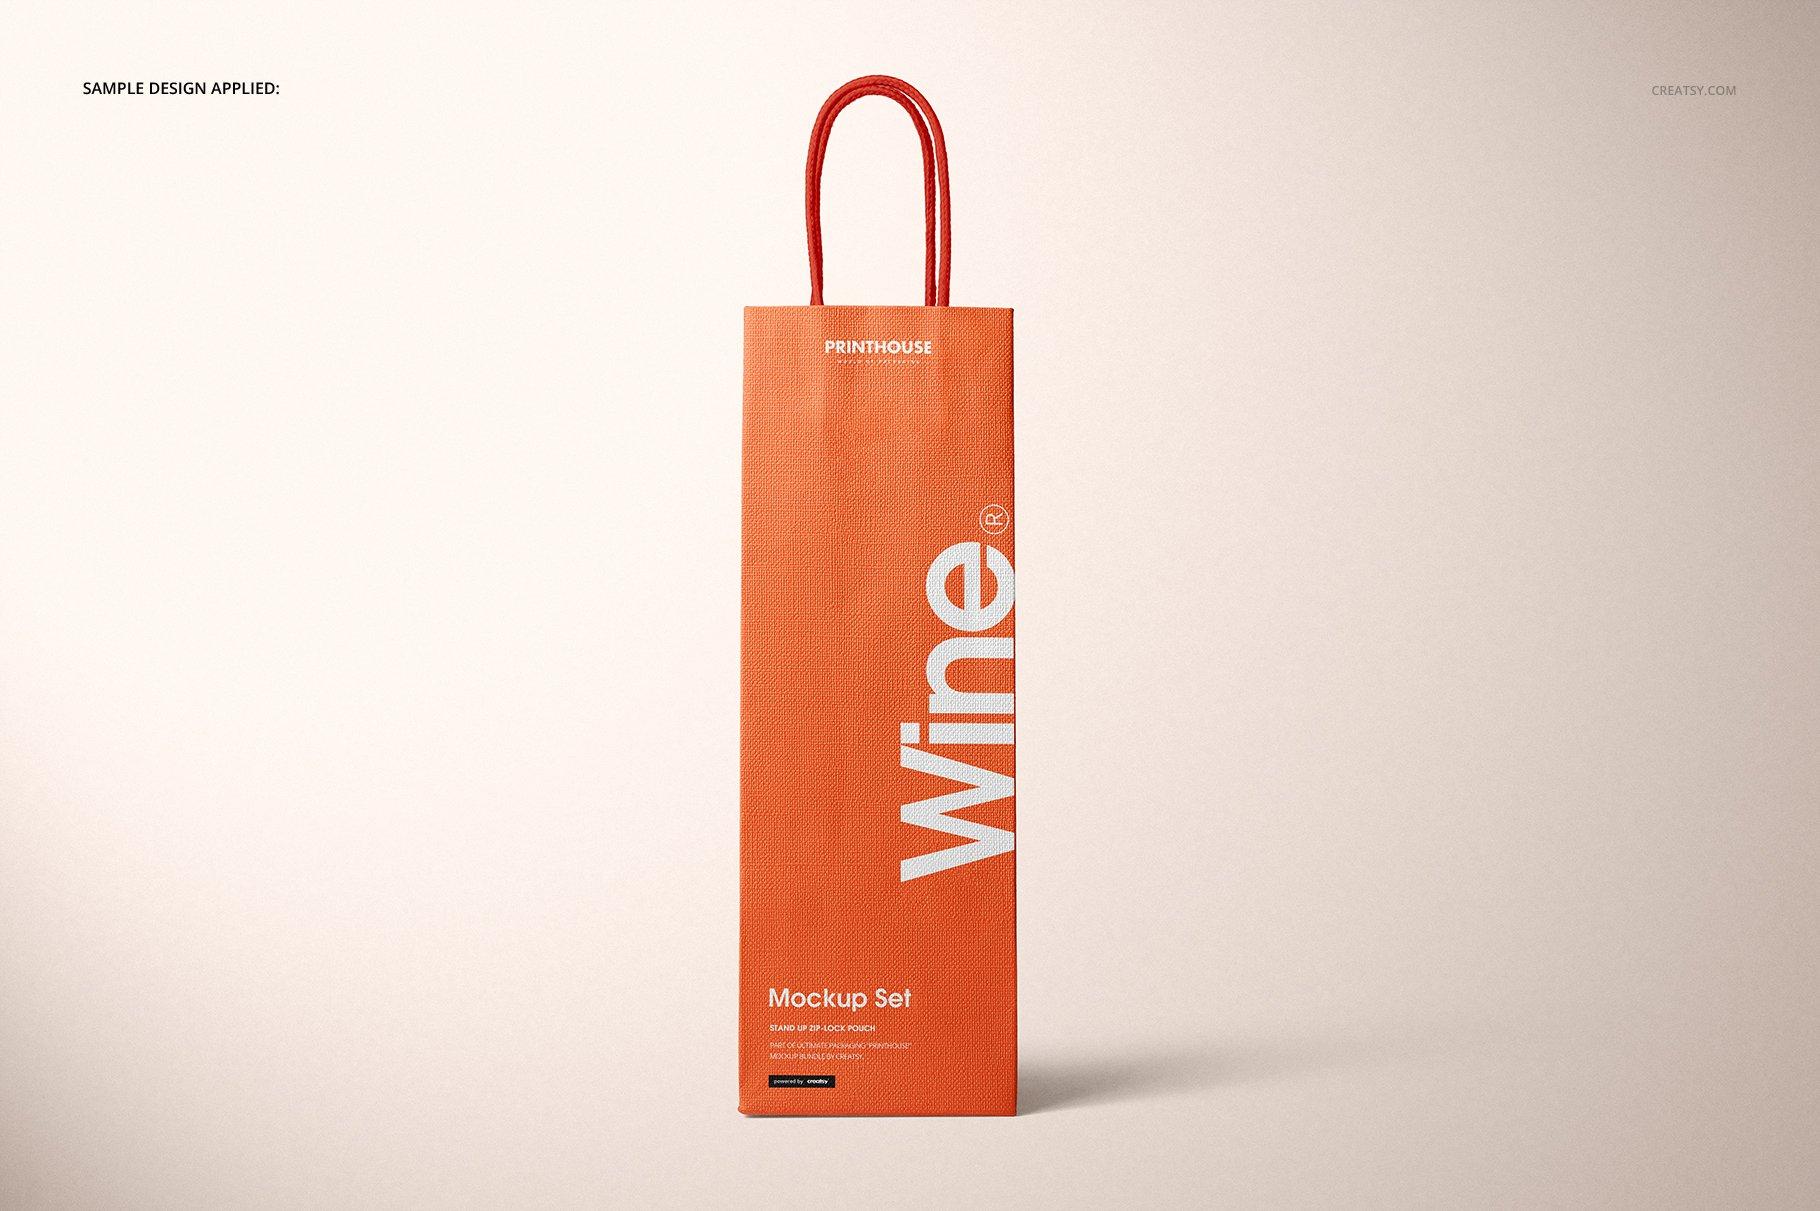 [淘宝购买] 精美葡萄酒手提袋设计展示贴图样机套装 Eurotote Wine Tote Bag Mockup Set插图(5)